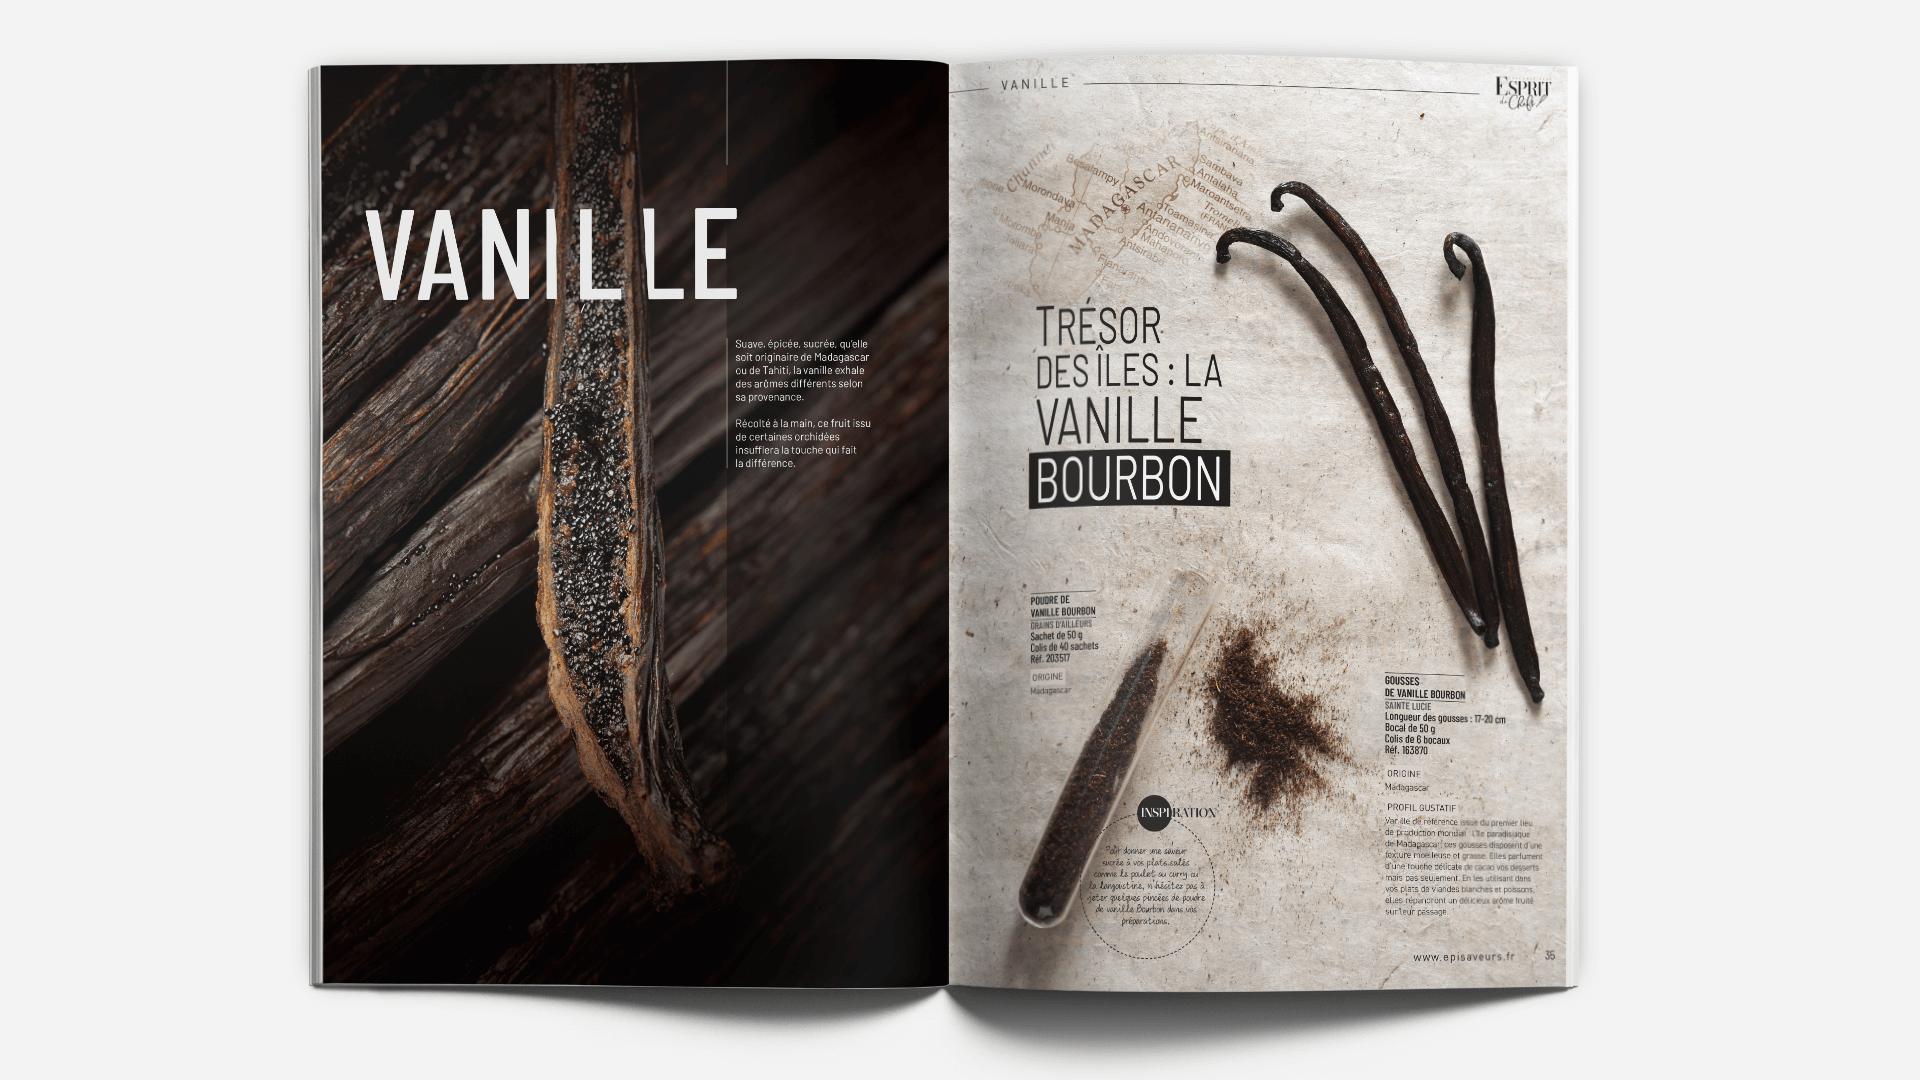 pages thème vanille du catalogue Esprit de Chefs d'EpiSaveurs